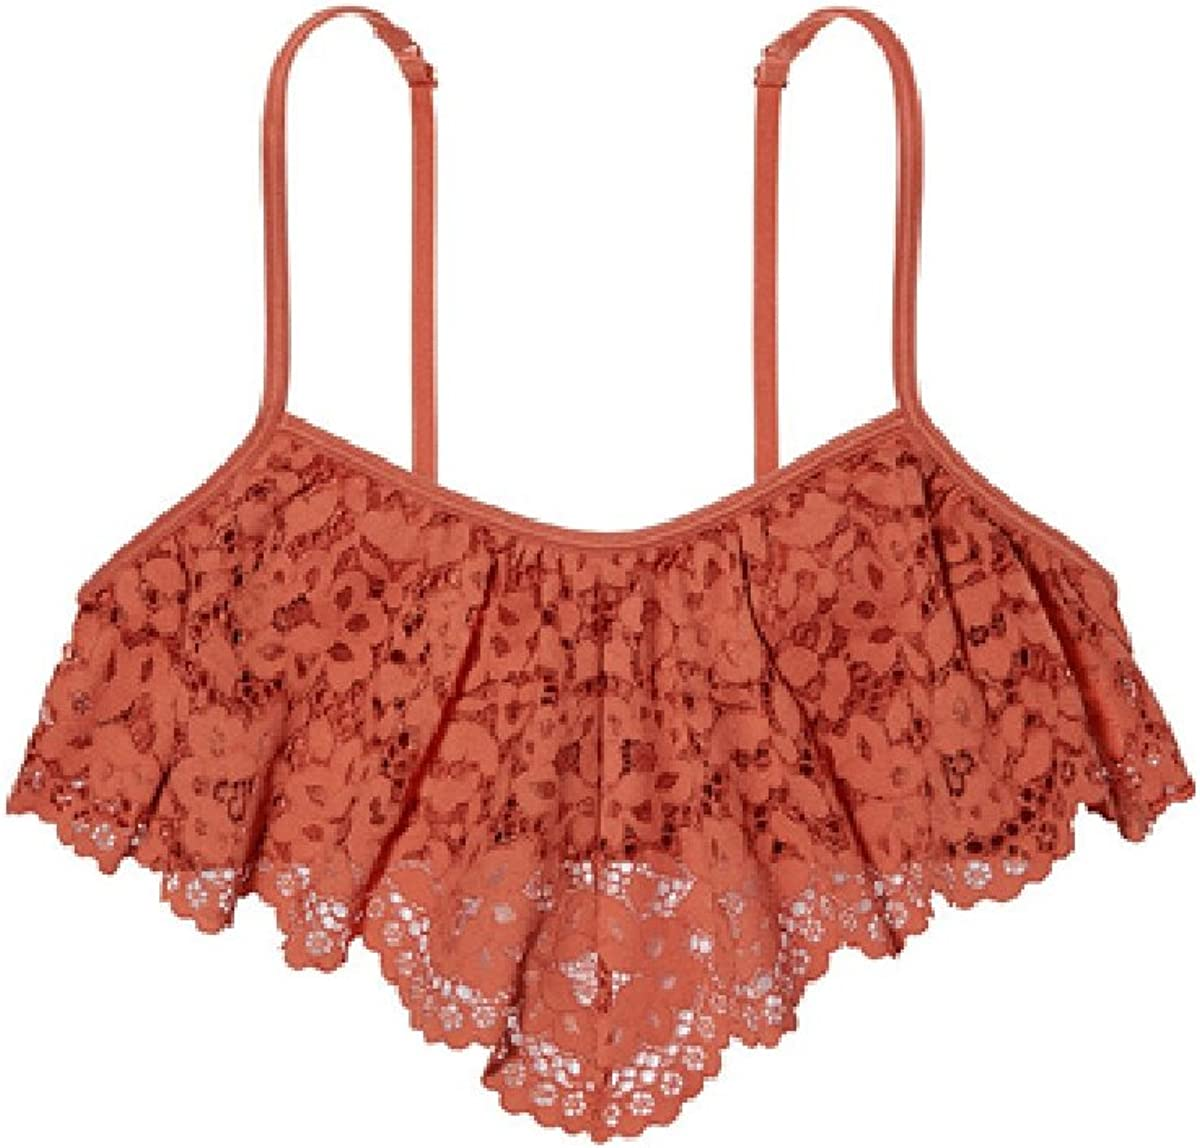 Victoria's Secret Crochet Lace Flutter Bandeau Flounce Bralette Ginger Glaze Size M Brown